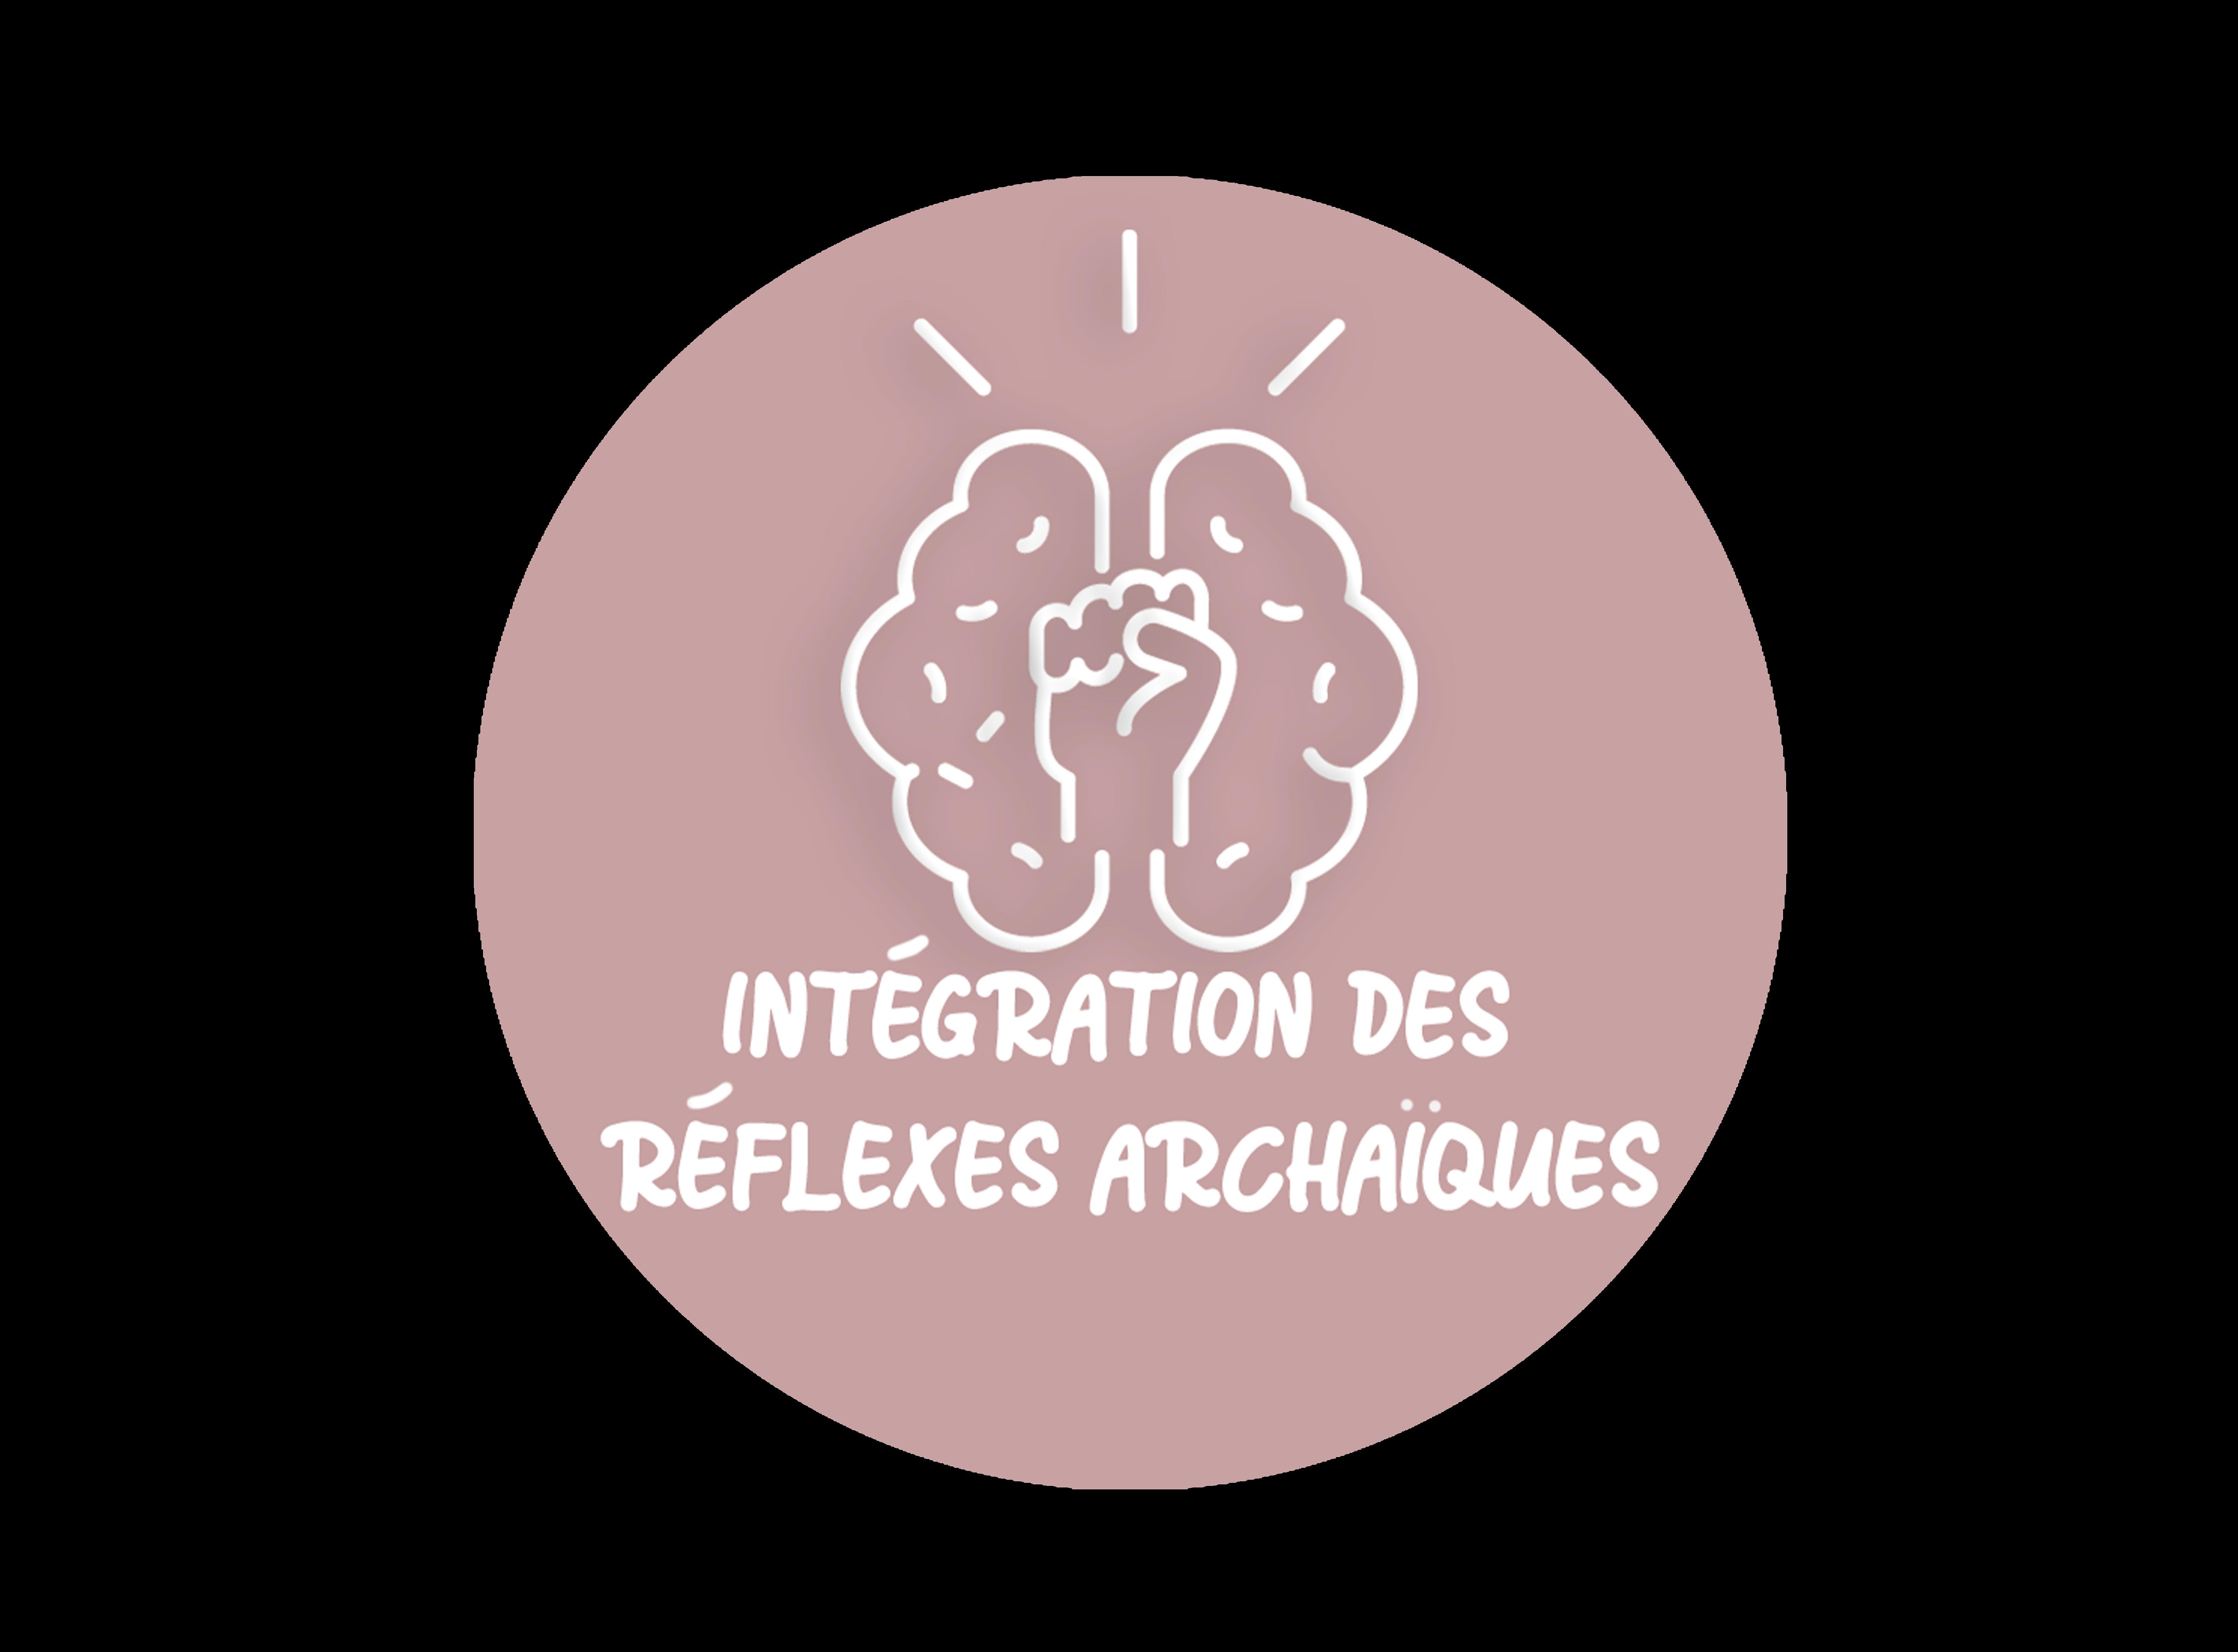 Intégration des réflexes archaïques